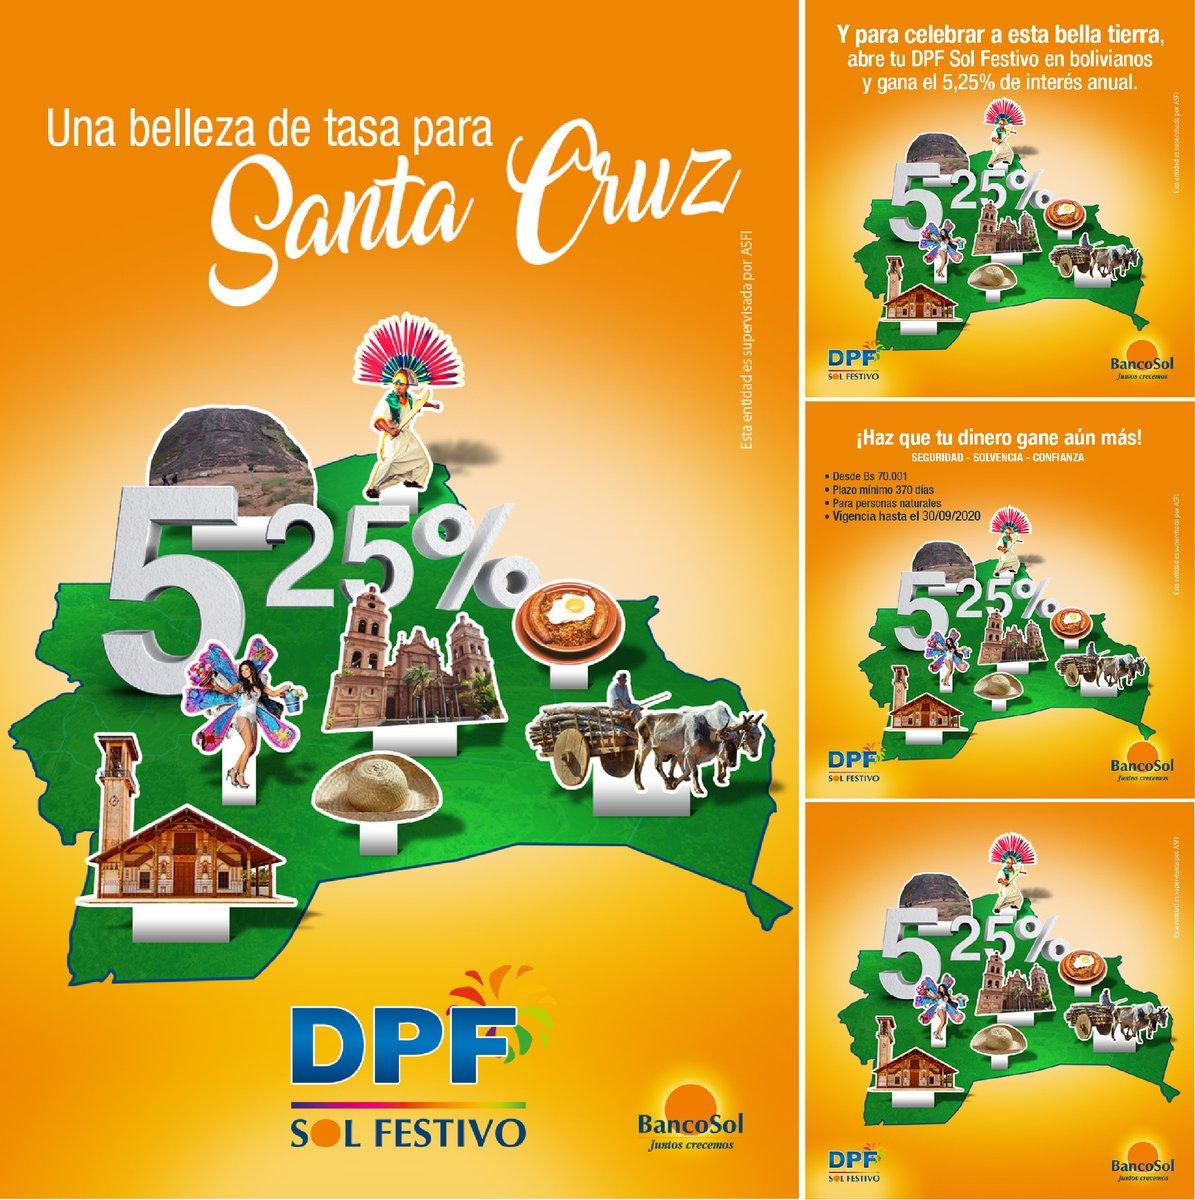 ¡Una tasa para la hermosa Santa Cruz! En el mes de su aniversario, celebremos a esta bella tierra con una tasa del 5,25% de interés anual. Abre tu DPF Sol Festivo en bolivianos y haz crecer tu dinero.  Juntos Crecemos. #BancoSol  #VamosAEstarBien https://t.co/SHMu9KTs7D